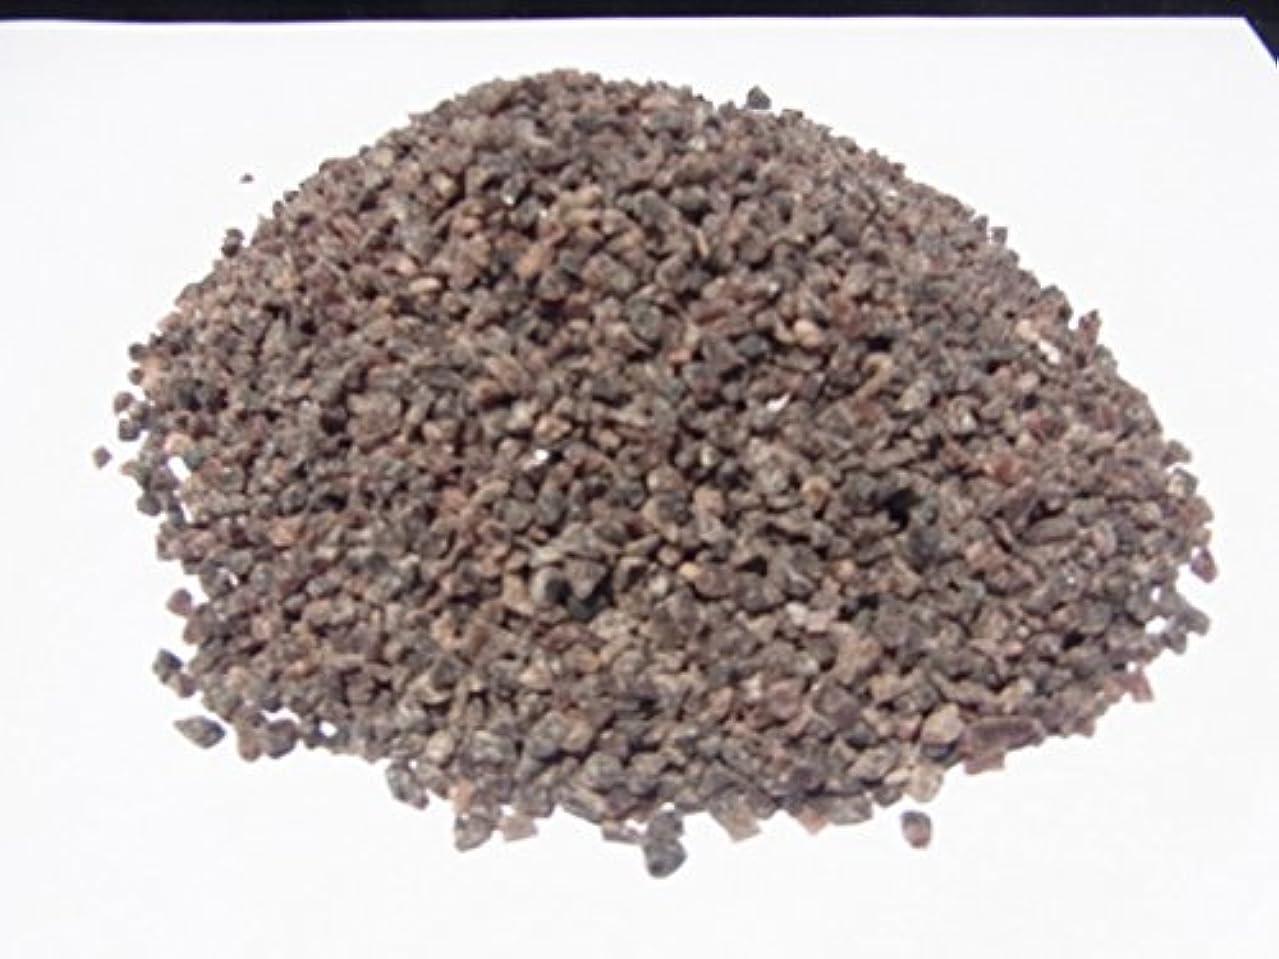 青写真決定精査するヒマラヤ岩塩1kg【ブラックソルト】 紫岩塩 ザラメ 粗粒 バスソルト